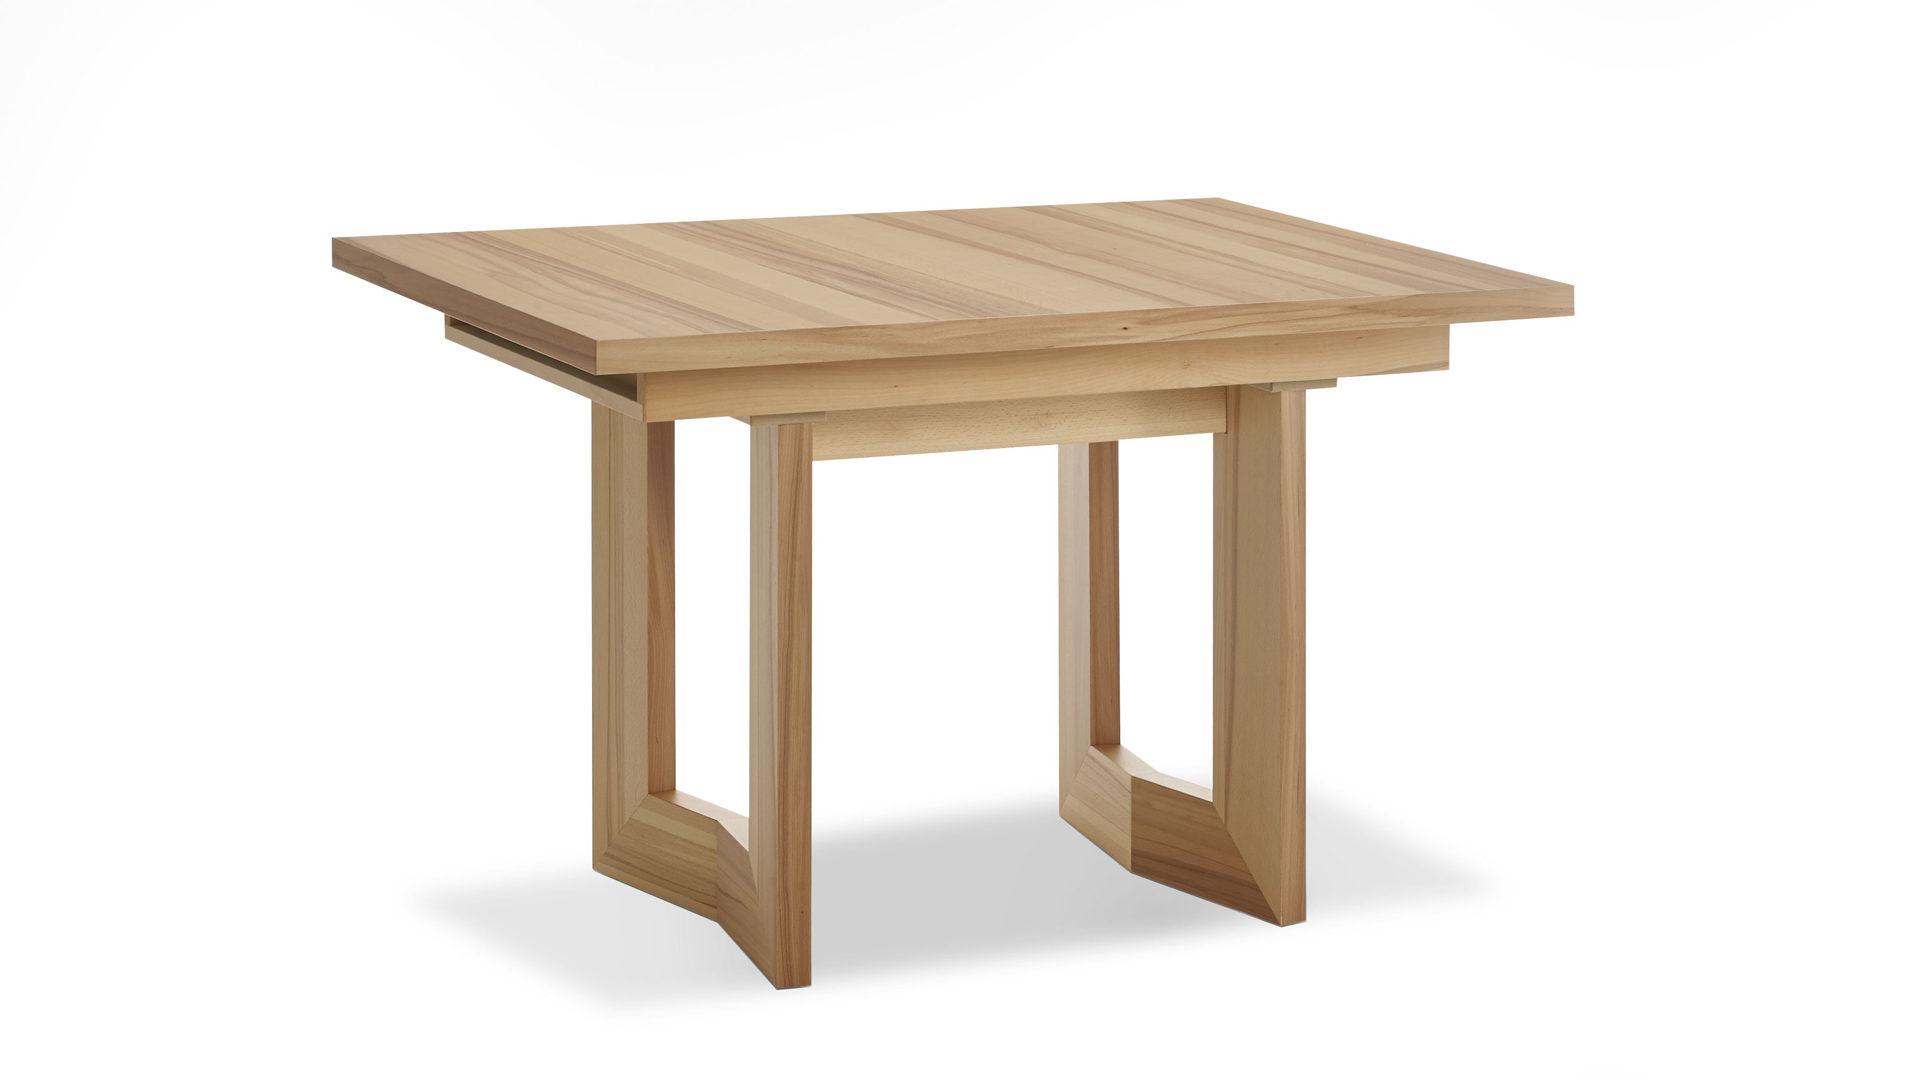 673958dd5454ec Auszugtisch K+w polstermöbel aus Holz in Holzfarben Modulmaster  Funktionstisch Game 2 als Holzmöbel lackiertes